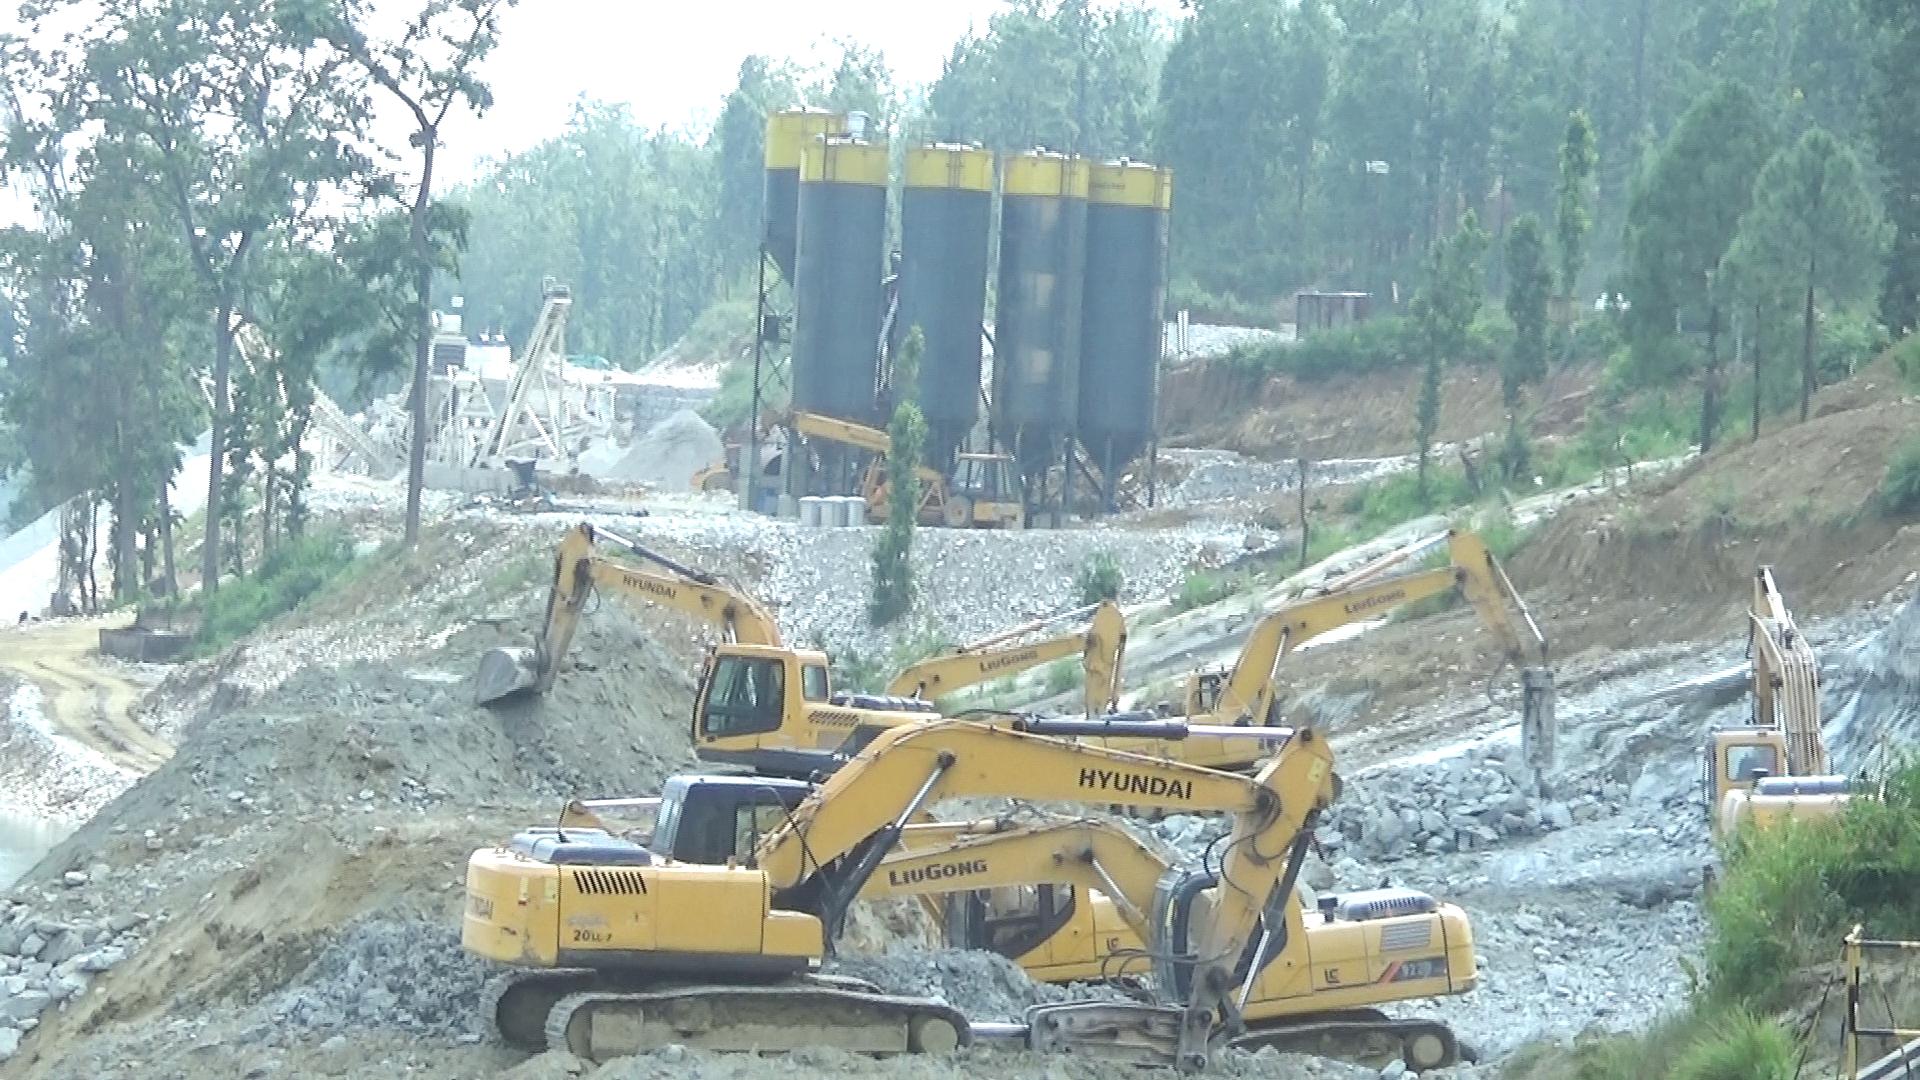 भेरी–बबई आयोजनामा मजदूर र निर्माण सामग्रीको अभाव